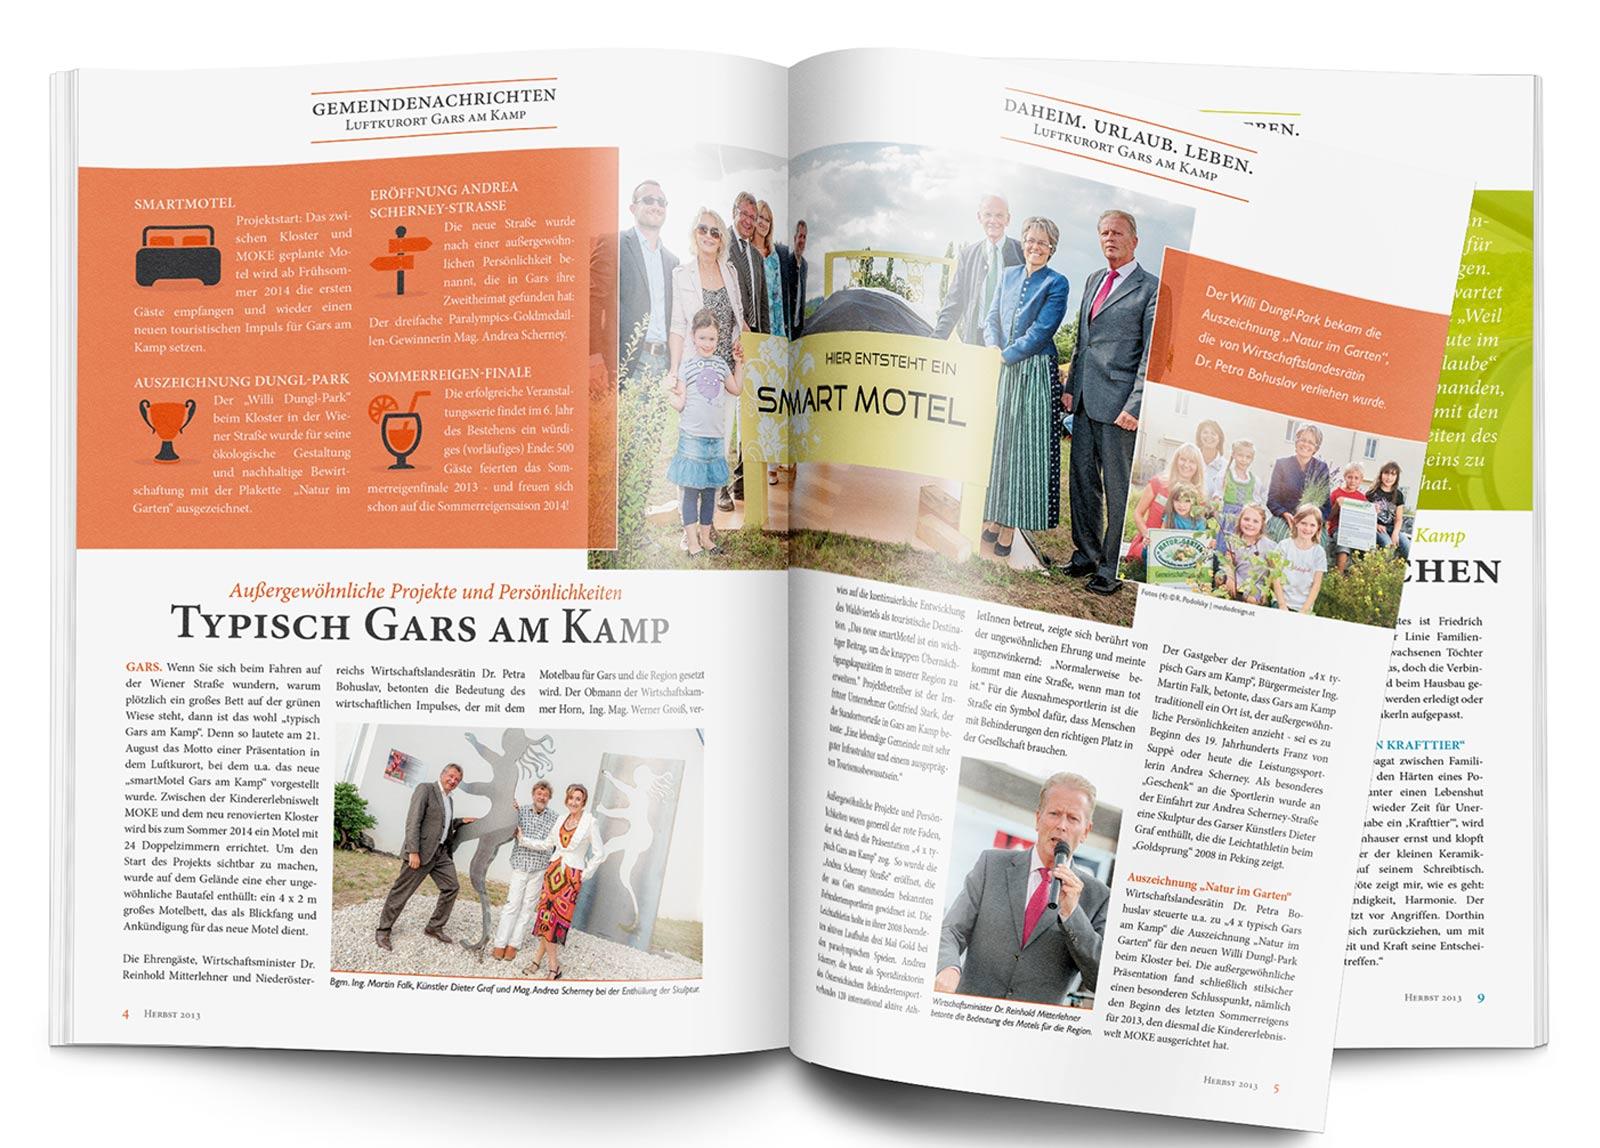 Gemeindenachrichten, Mock Up: © graphicburger.com